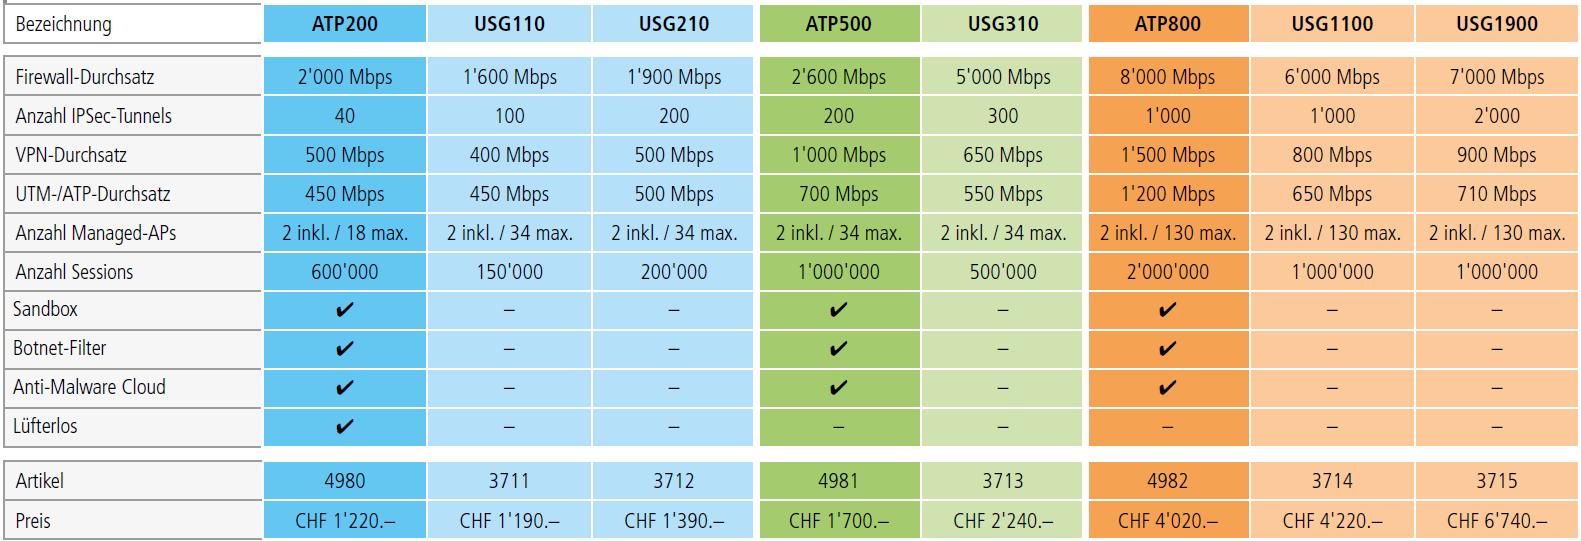 vergleich_usg-firewall_atp-firewall